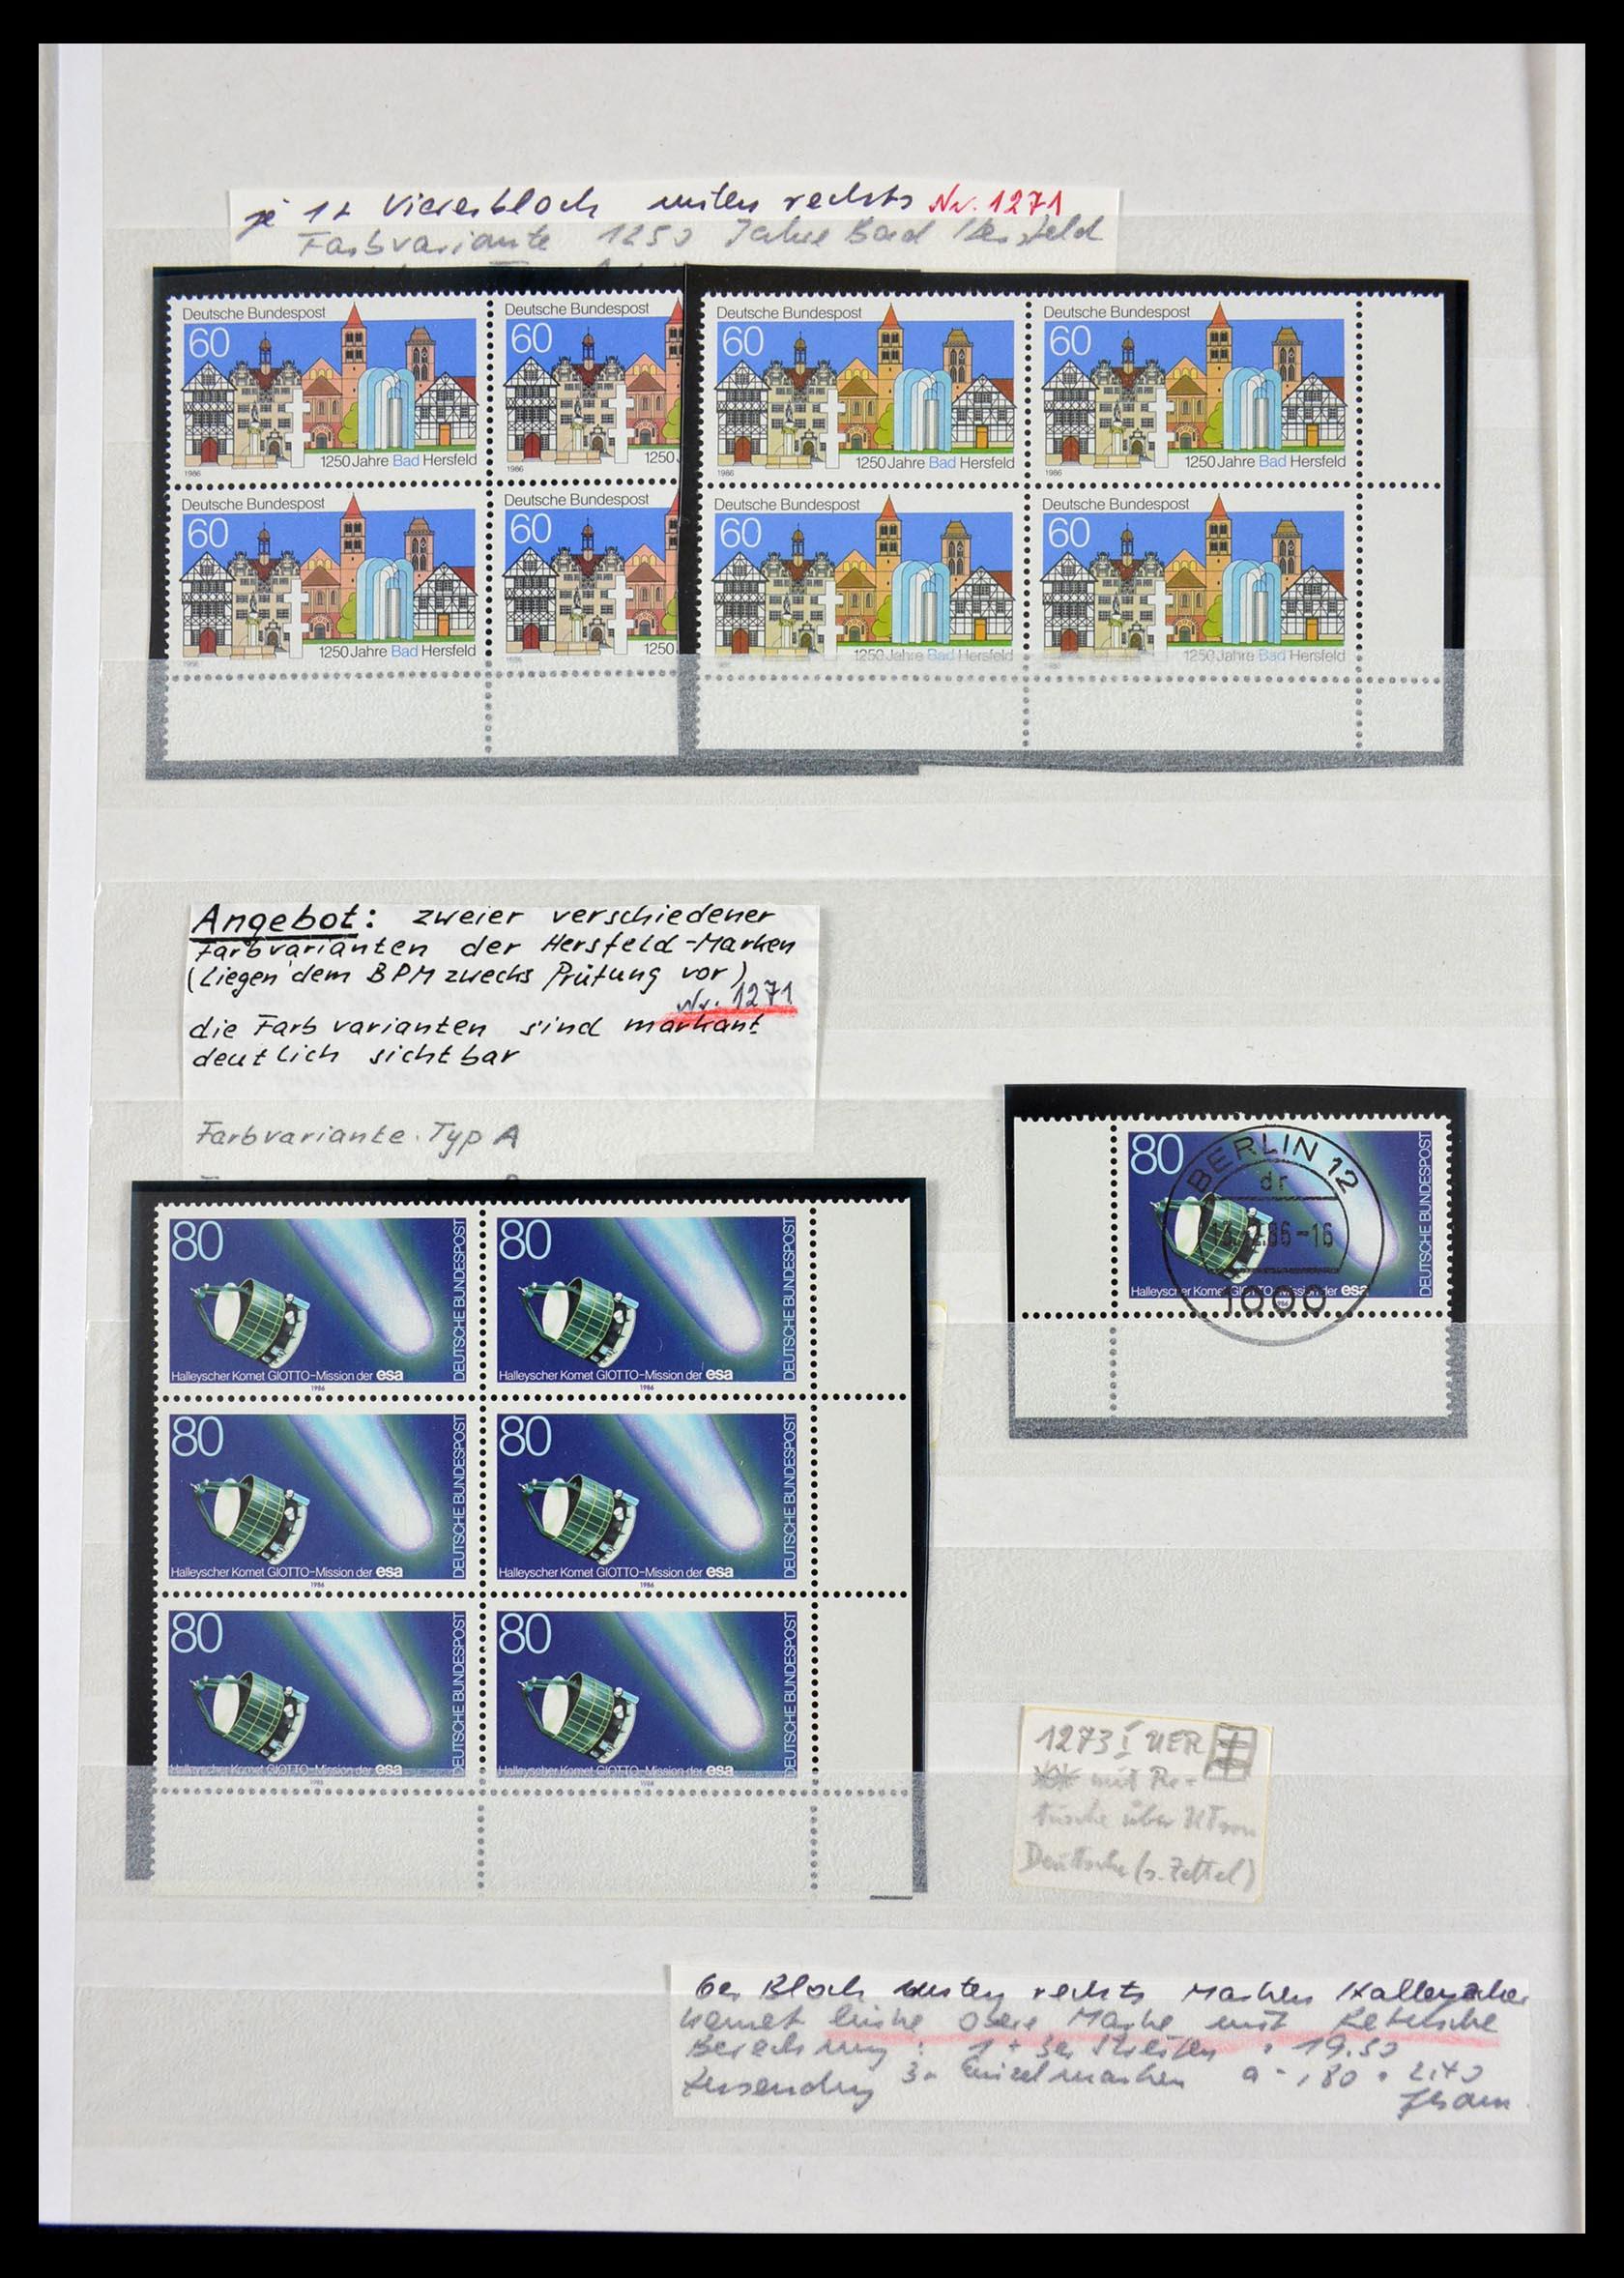 29491 008 - 29491 Bundespost plateflaws 1957-1994.